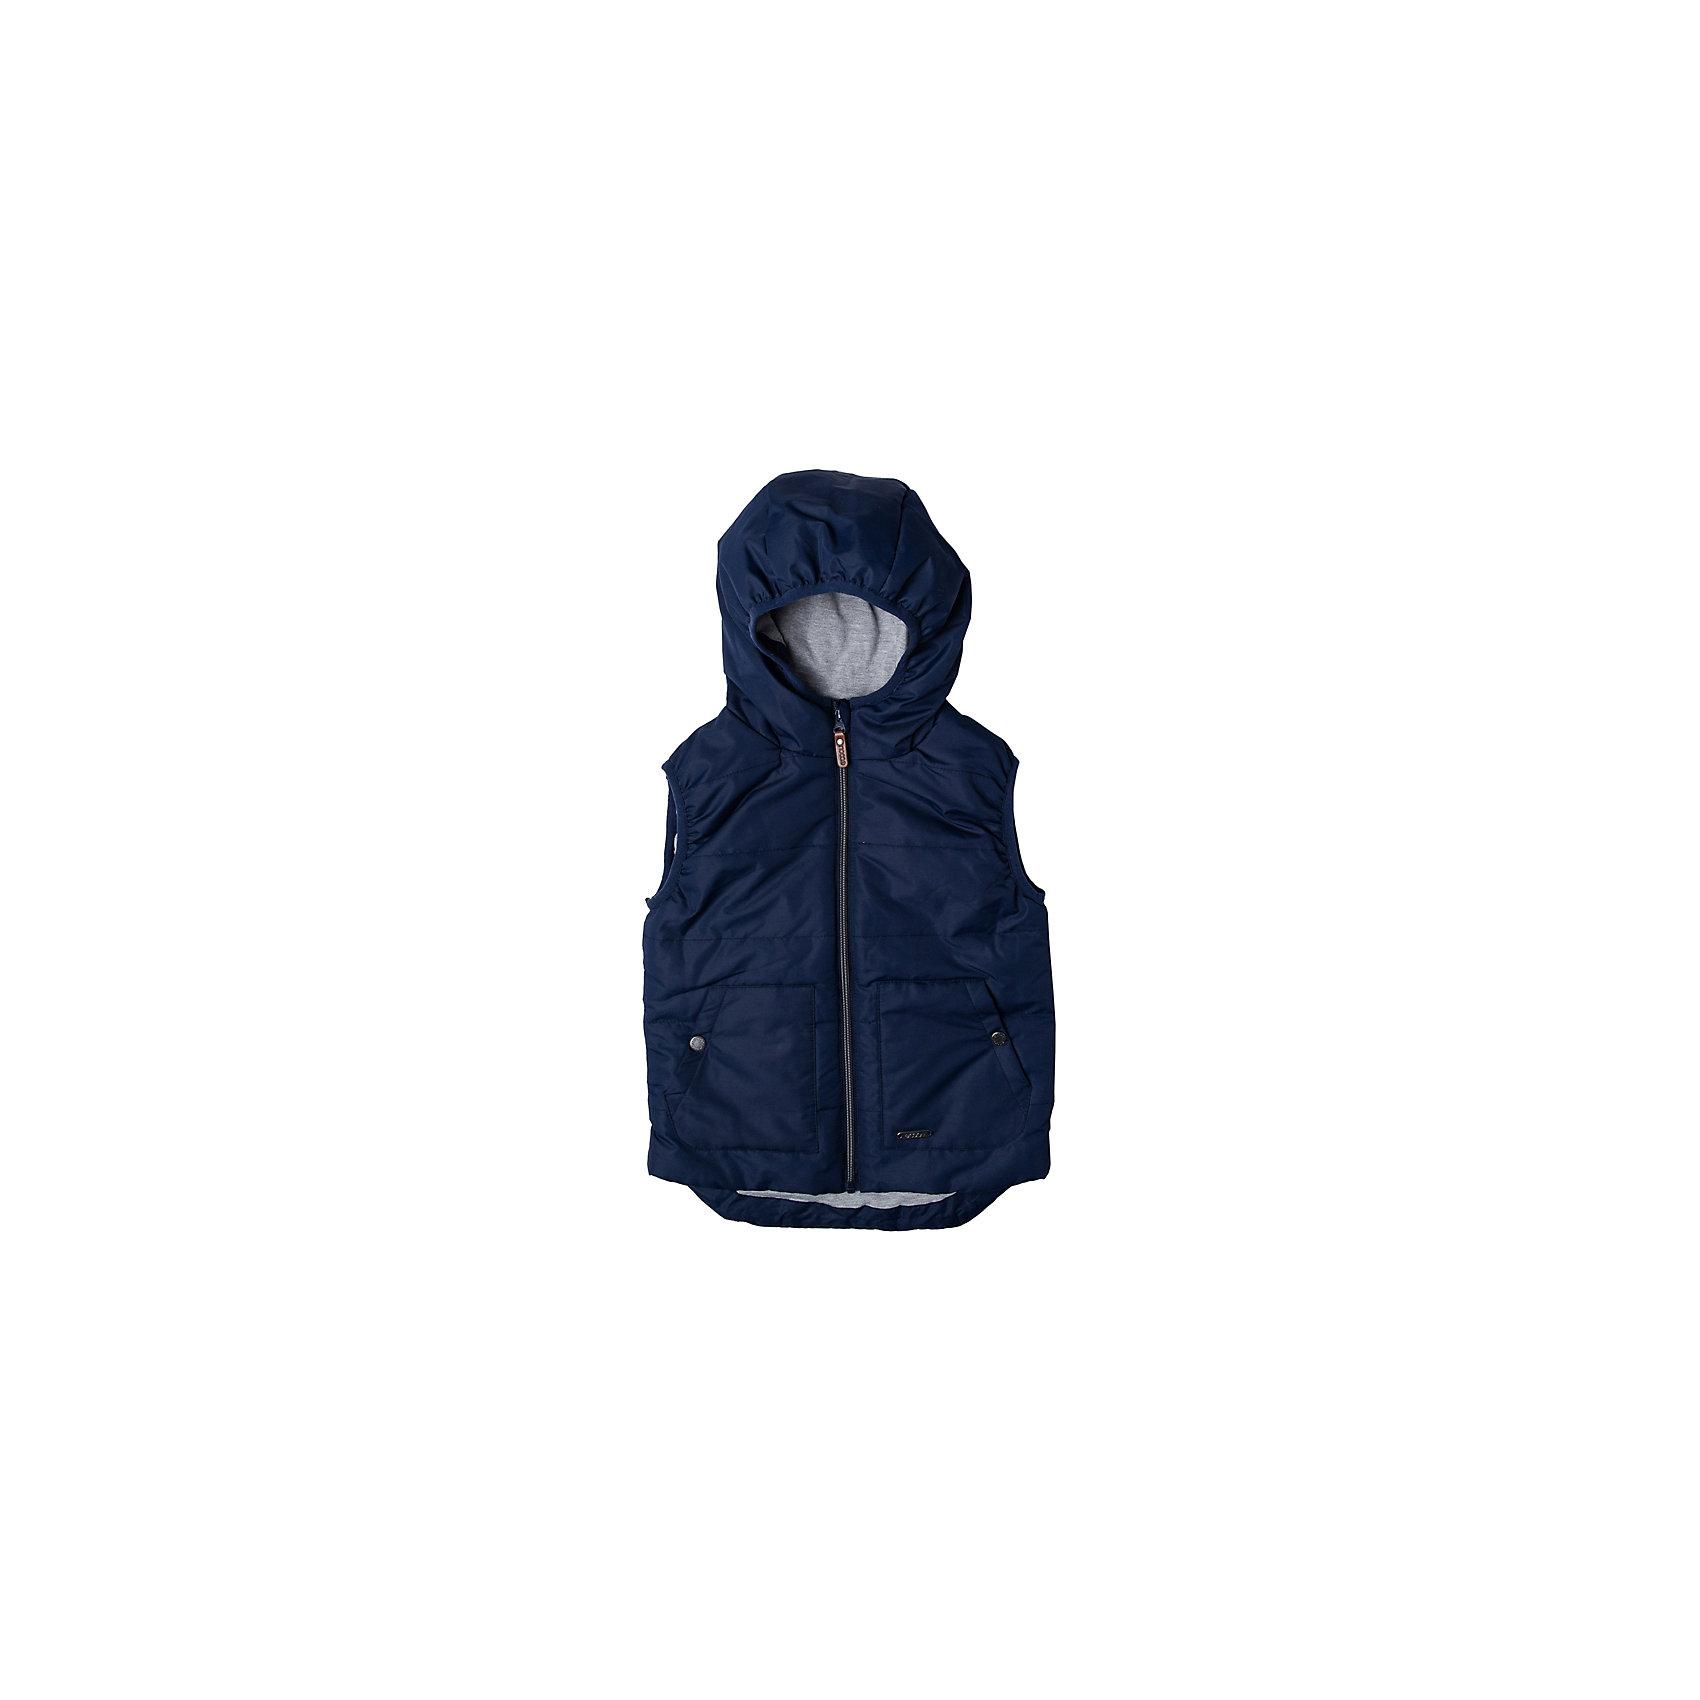 Жилет для мальчика ScoolВерхняя одежда<br>Характеристики товара:<br><br>• цвет: синий<br>• состав: 100% полиэстер<br>• подкладка: 65% полиэстер, 35% хлопок,<br>• утеплитель: 100% полиэстер, 120 г/м2<br>• температурный режим: от +5°С до +15°С<br>• подкладка из мягкого трикотажа<br>• водоотталкивающая пропитка<br>• удобные карманы<br>• застёжка: молния с защитой подбородка<br>• эластичные проймы для рукавов<br>• светоотражающие элементы на подоле<br>• капюшон на мягкой резинке<br>• страна бренда: Германия<br>• страна производства: Китай<br><br>Жилет для мальчика Scool. Утепленный жилет с капюшоном с водооталкивающей пропиткой - замечательное решение для весны.<br><br>Жилет для мальчика от известного бренда Scool можно купить в нашем интернет-магазине.<br><br>Ширина мм: 356<br>Глубина мм: 10<br>Высота мм: 245<br>Вес г: 519<br>Цвет: разноцветный<br>Возраст от месяцев: 156<br>Возраст до месяцев: 168<br>Пол: Мужской<br>Возраст: Детский<br>Размер: 164,134,140,146,152,158<br>SKU: 5406536